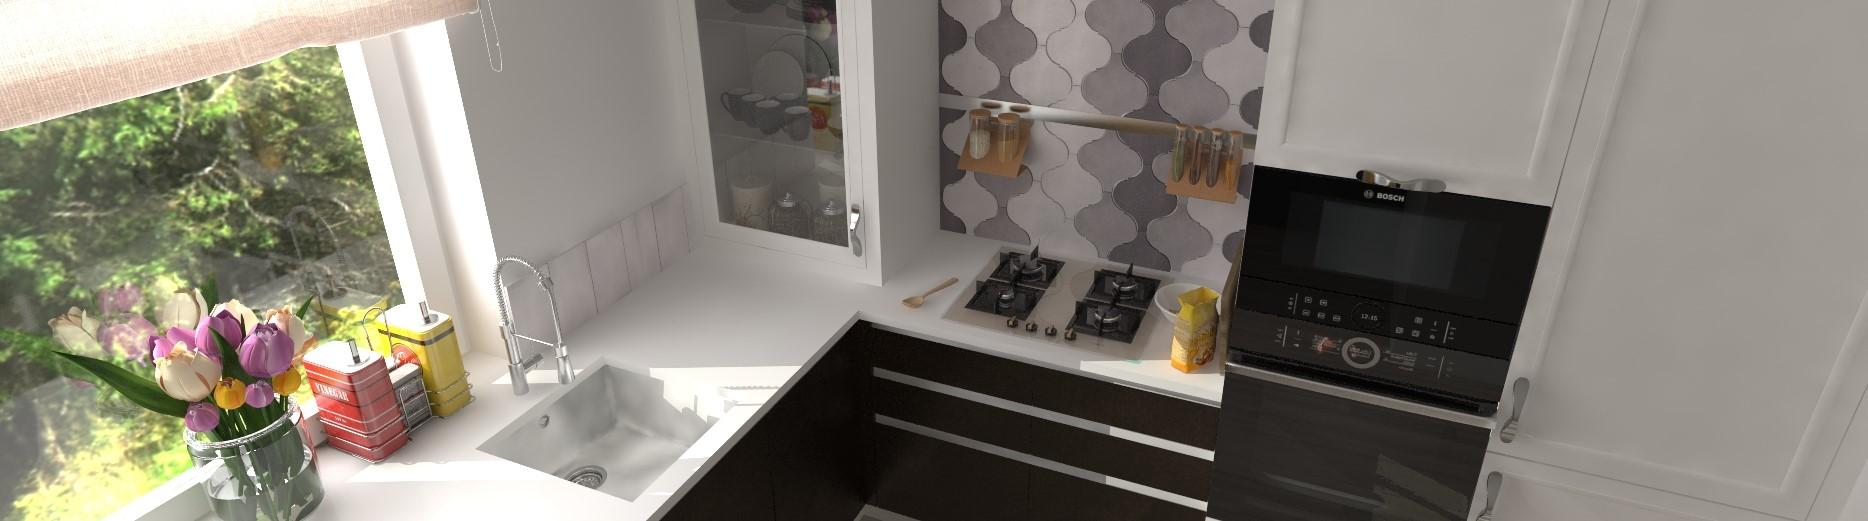 2-izbový byt kuchyňa, Dolný Kubín